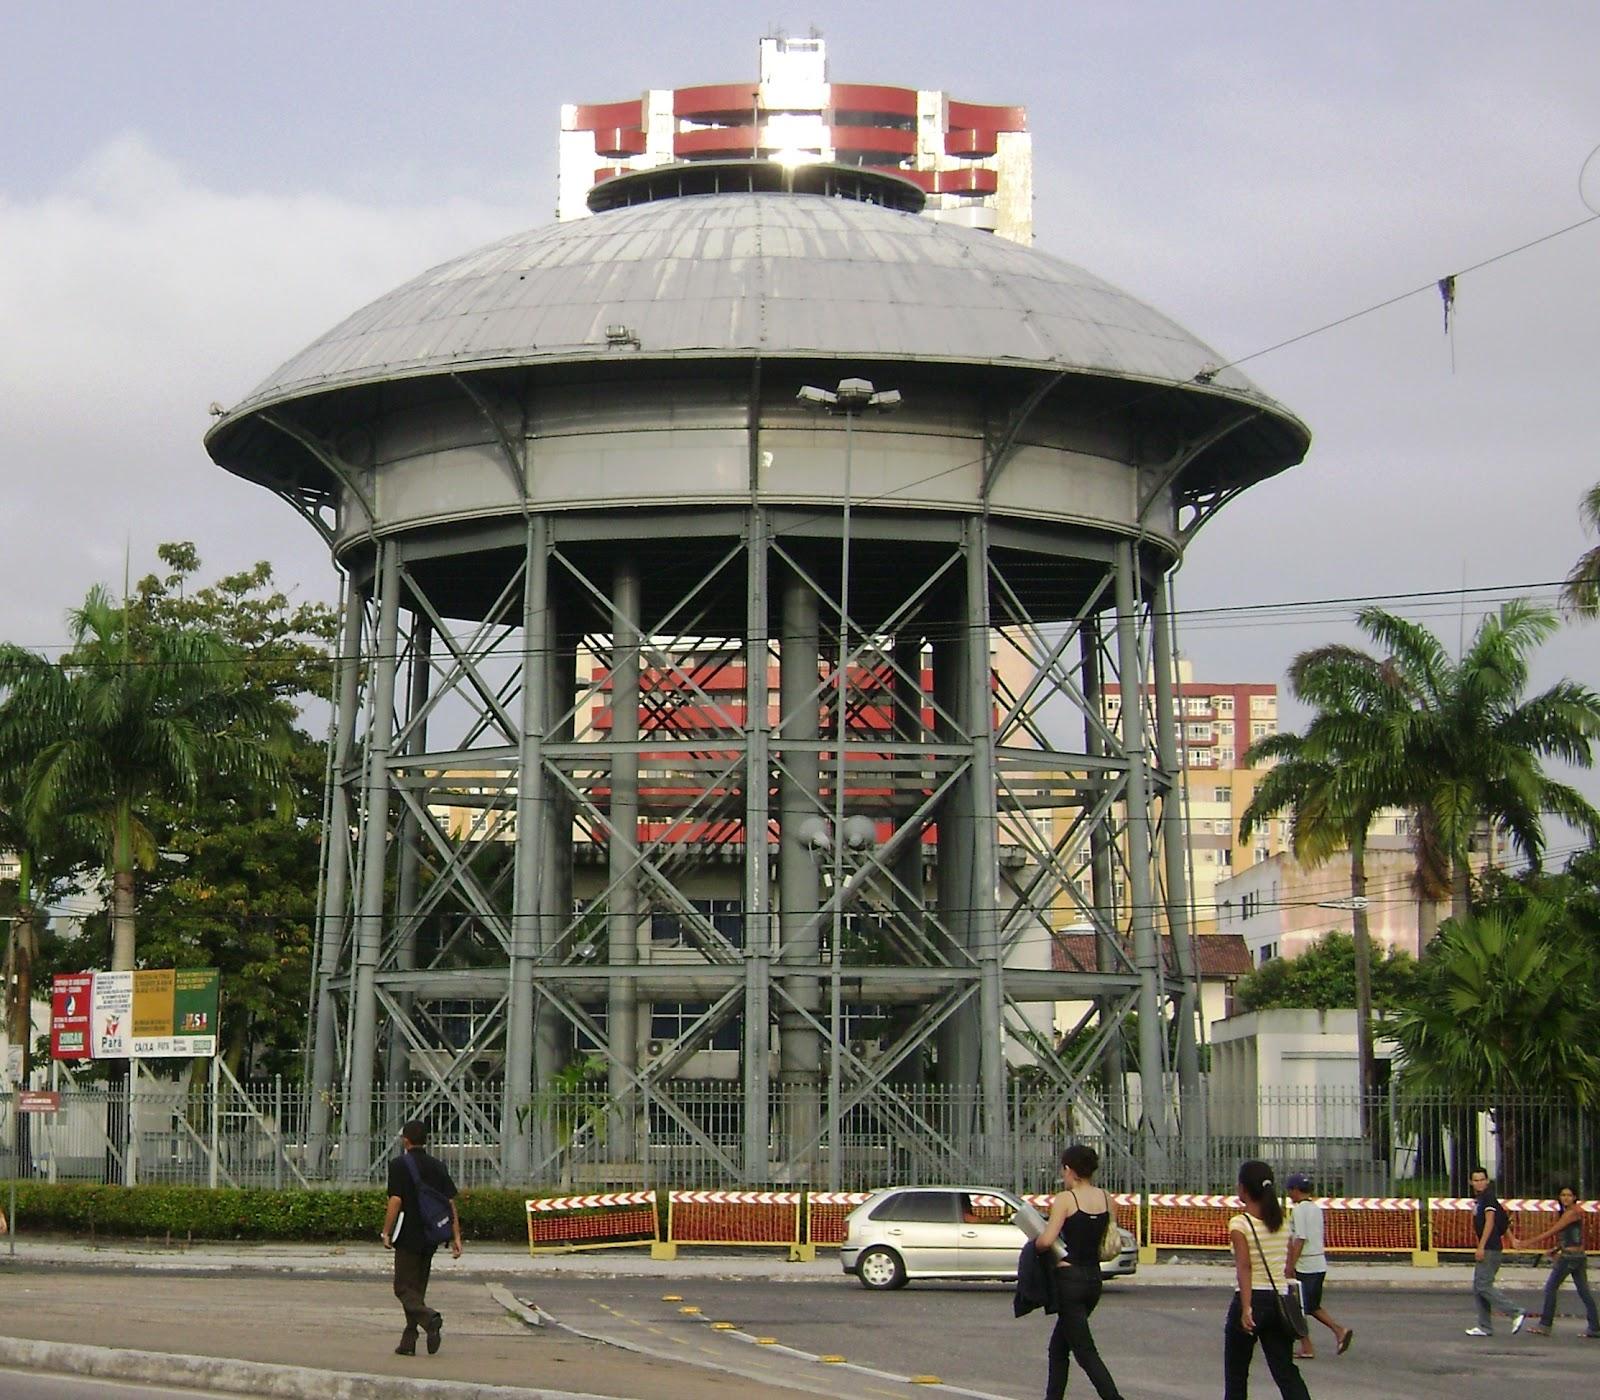 Caixa d'água velha em São Brás. #933E38 1600x1400